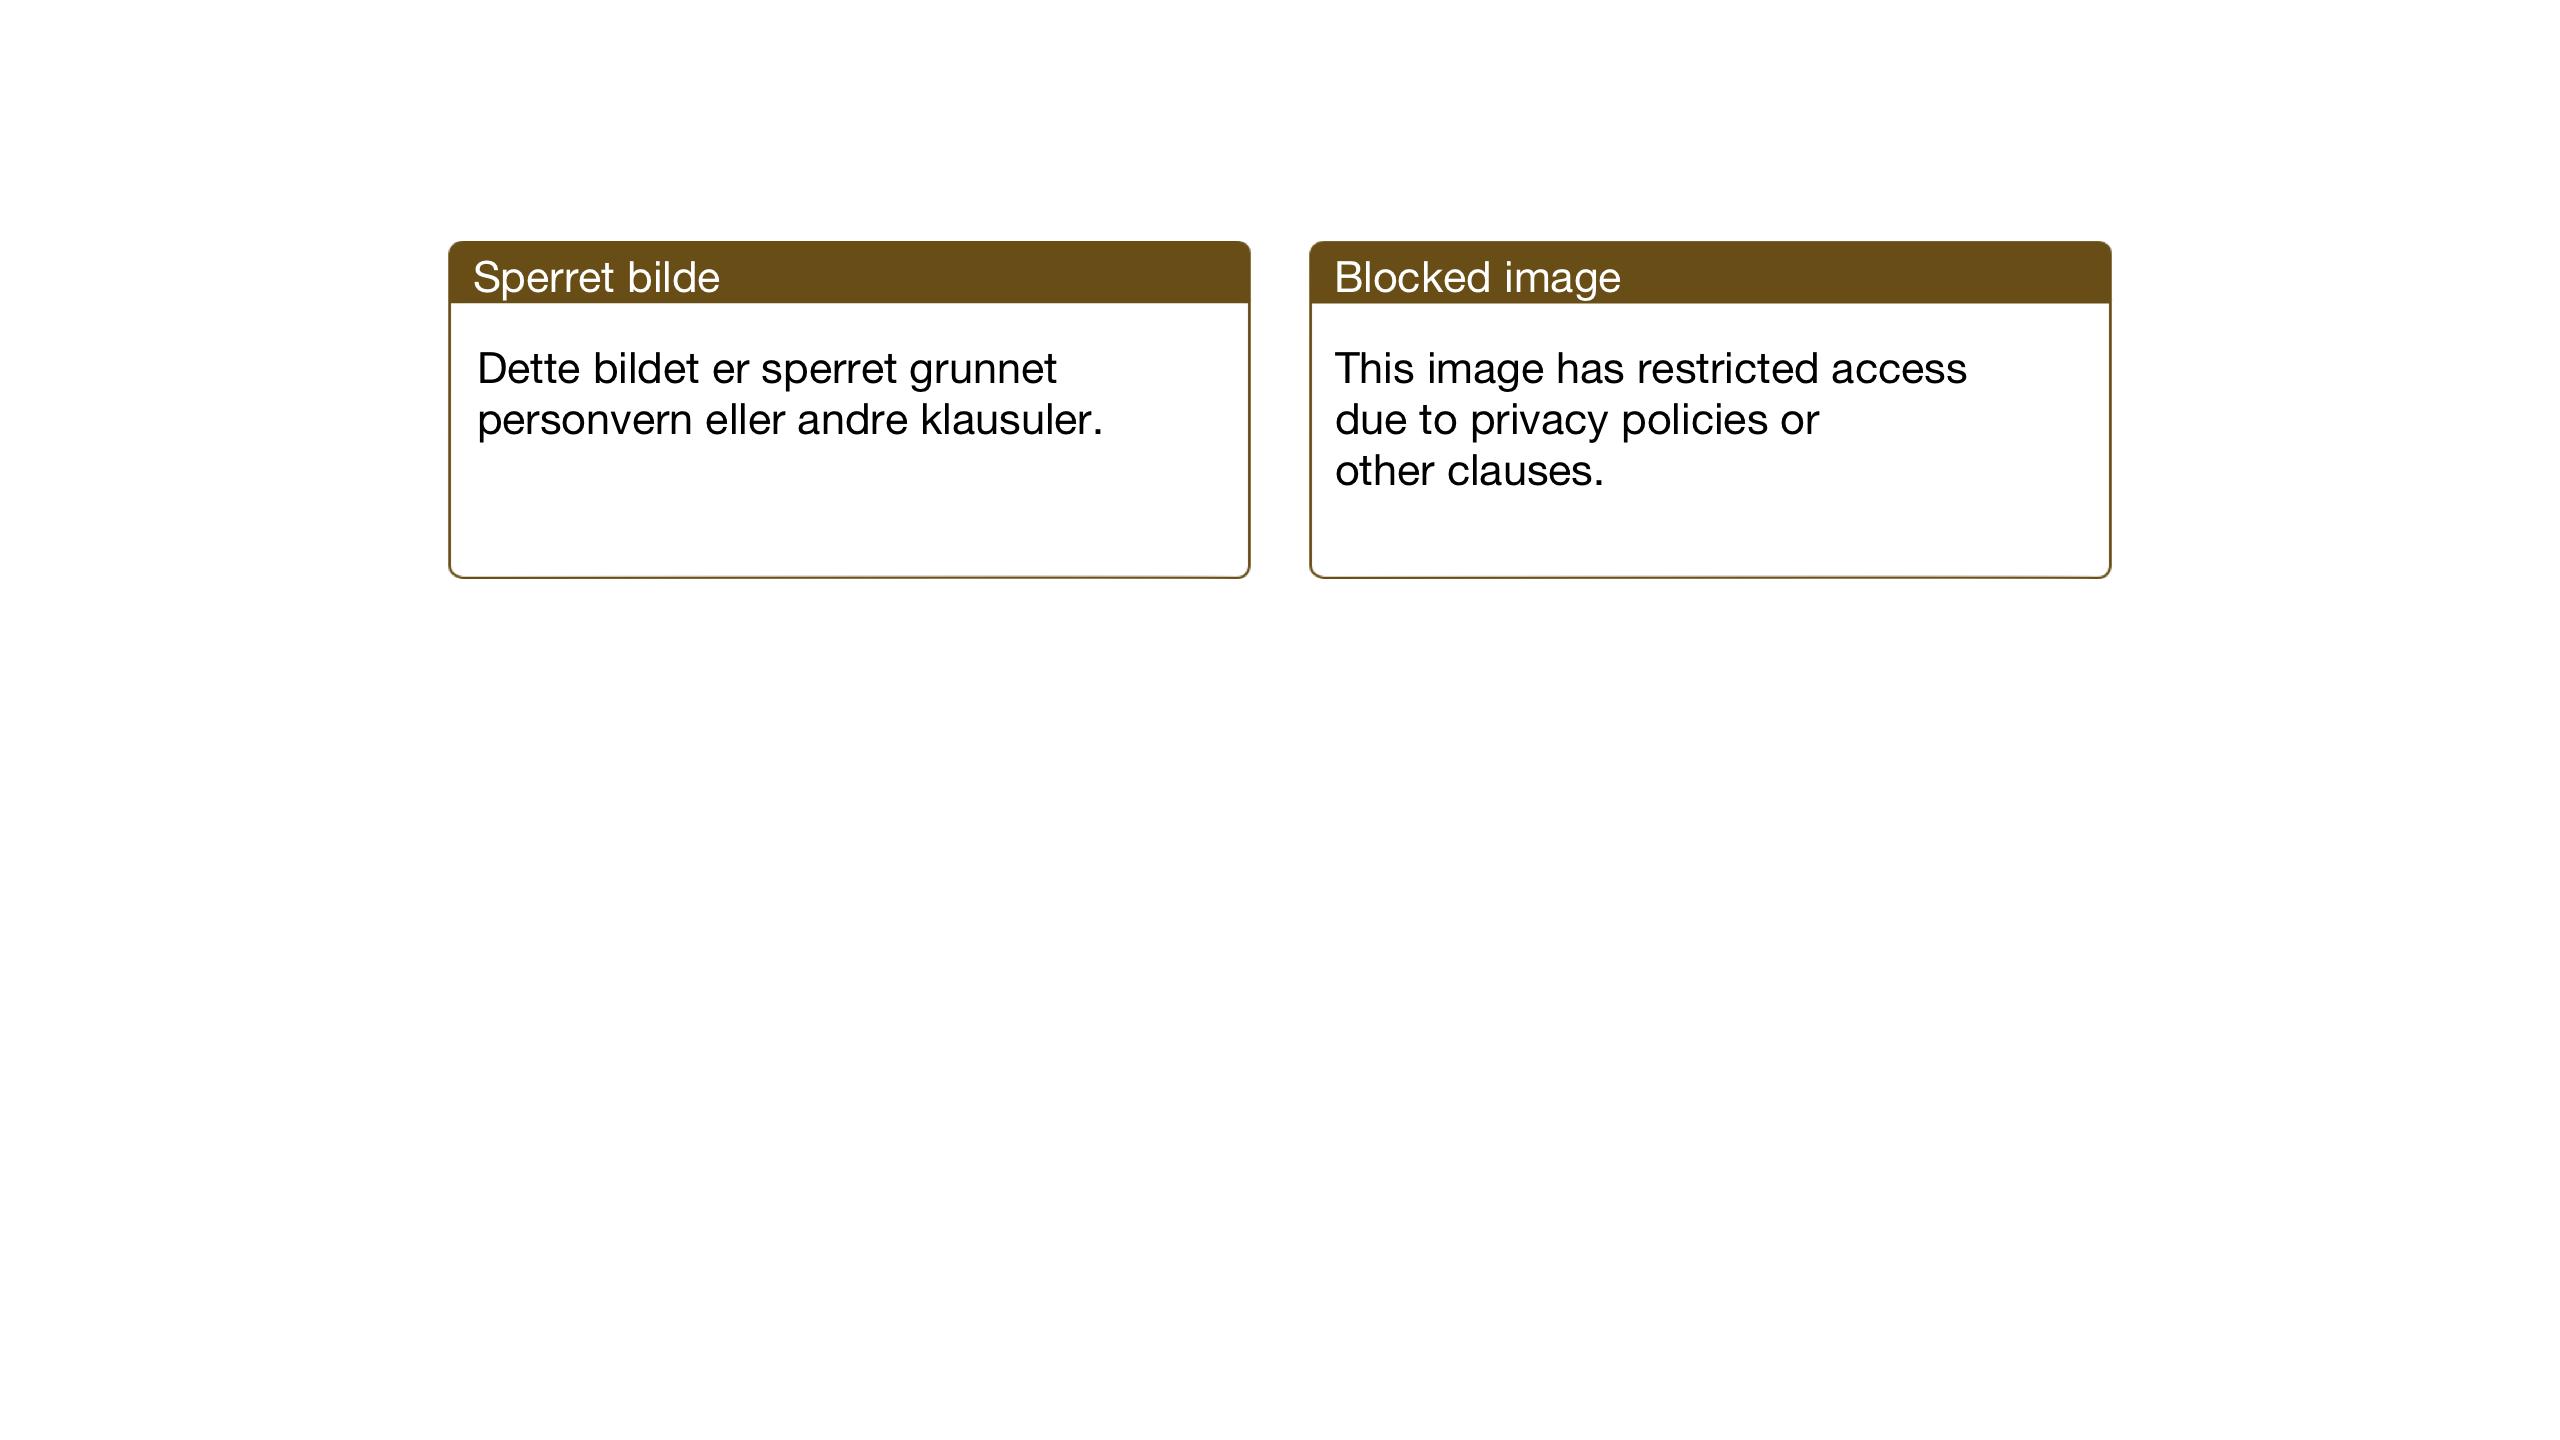 SAT, Ministerialprotokoller, klokkerbøker og fødselsregistre - Sør-Trøndelag, 635/L0554: Klokkerbok nr. 635C02, 1919-1942, s. 49